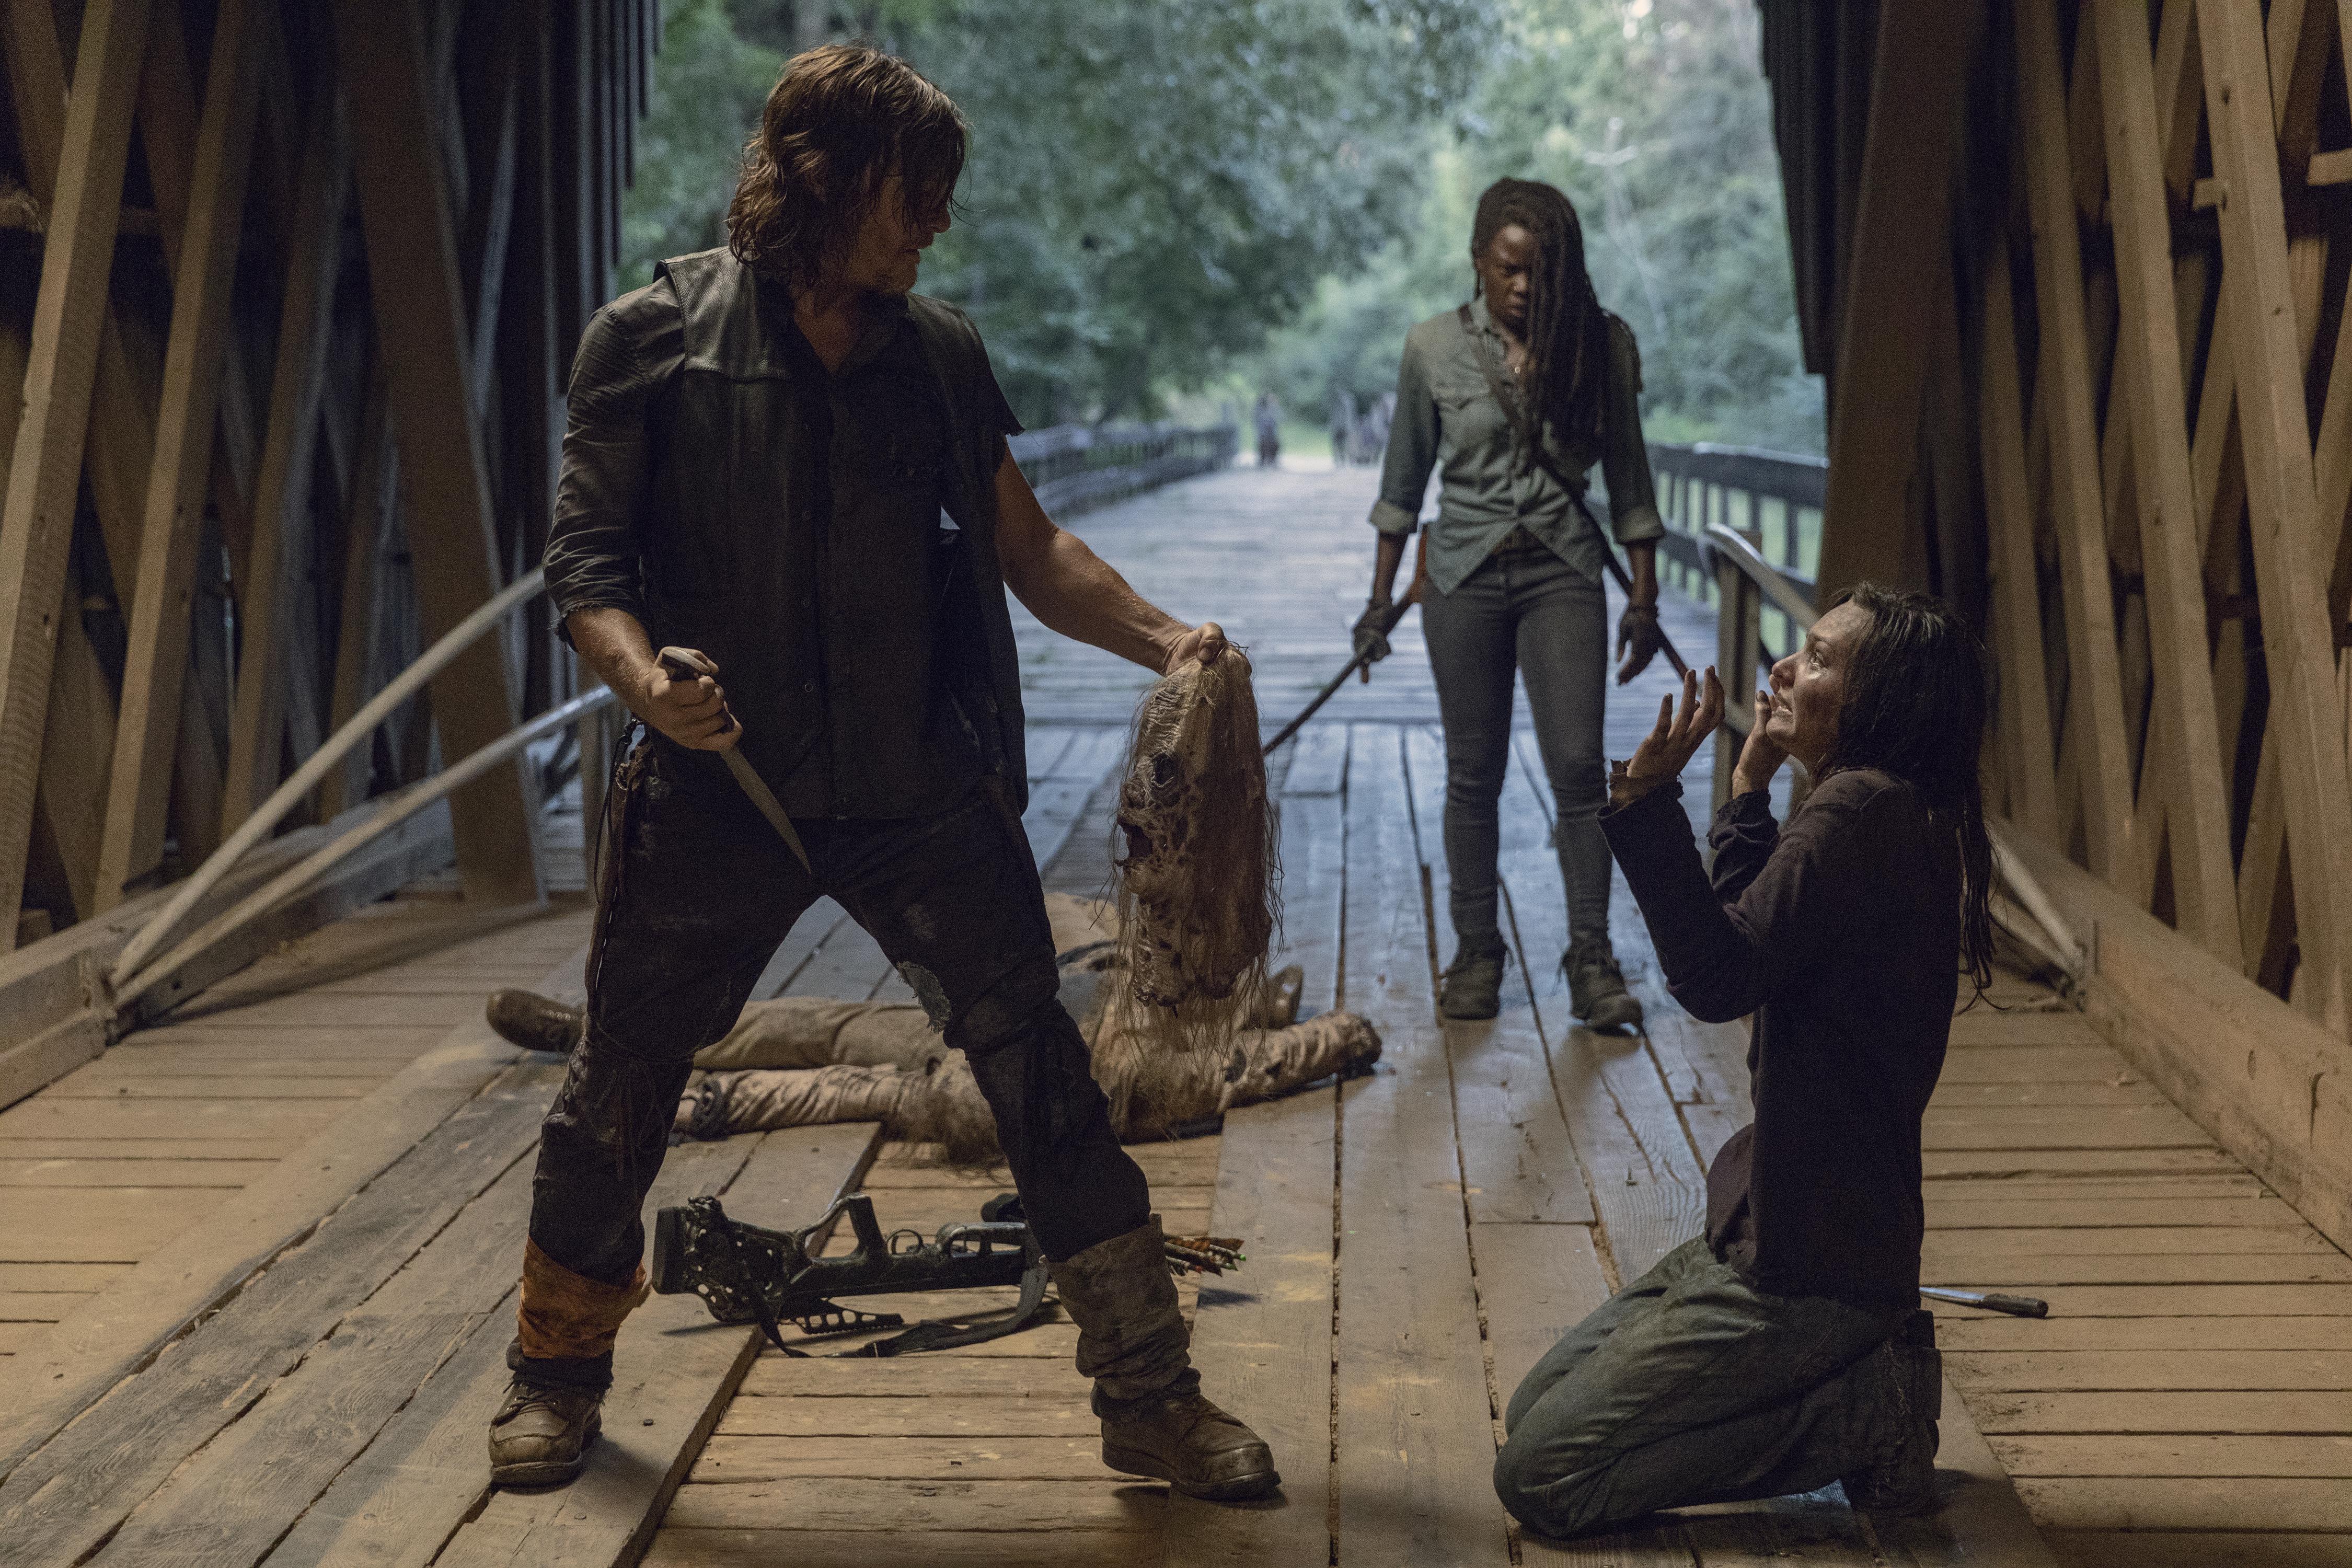 Daryl Dixon (Norman Reedus) et Michonne (Danai Gurira) coincent Lydia (Cassady McClincy) - The Walking Dead - Saison 9, Épisode 9 - Crédit Photo : Jackson Lee Davis/AMC